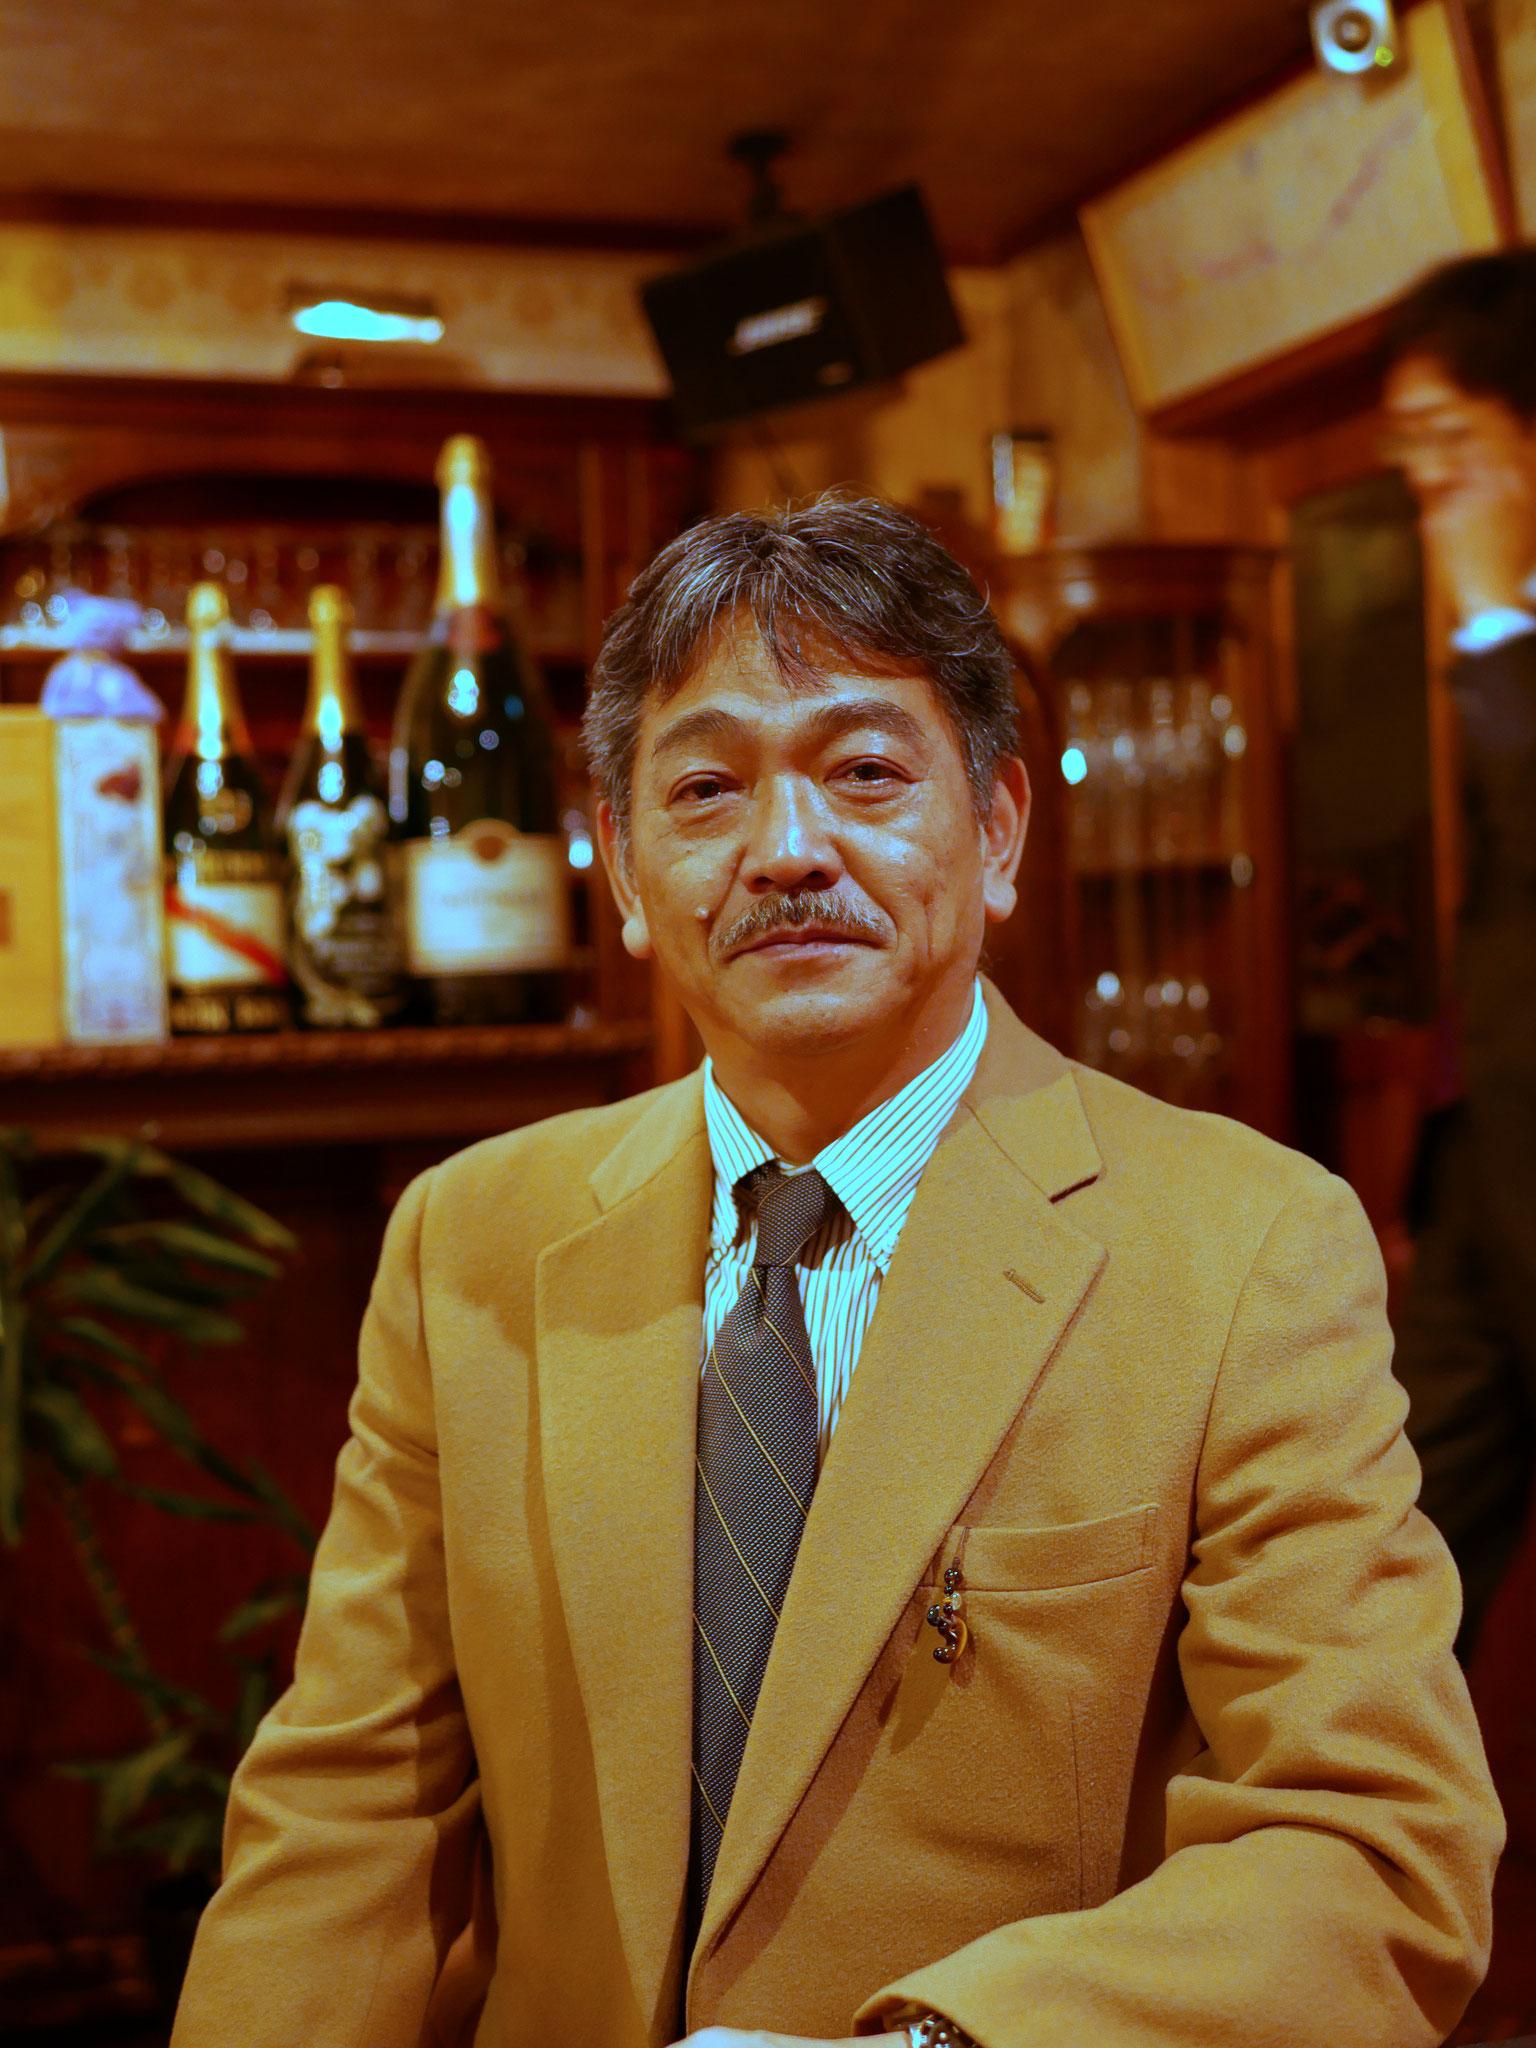 No.01:好きな言葉は「己に正直に真摯に生きよ」。ベストを尽くした後は必ず結果は付いてくる・・・そこから次に進むべき道が見えるのです!!  仕事も遊びも・・・。今、ベストを尽くして楽しみましょう!  【川崎市川崎区在住・昭和59年設立】